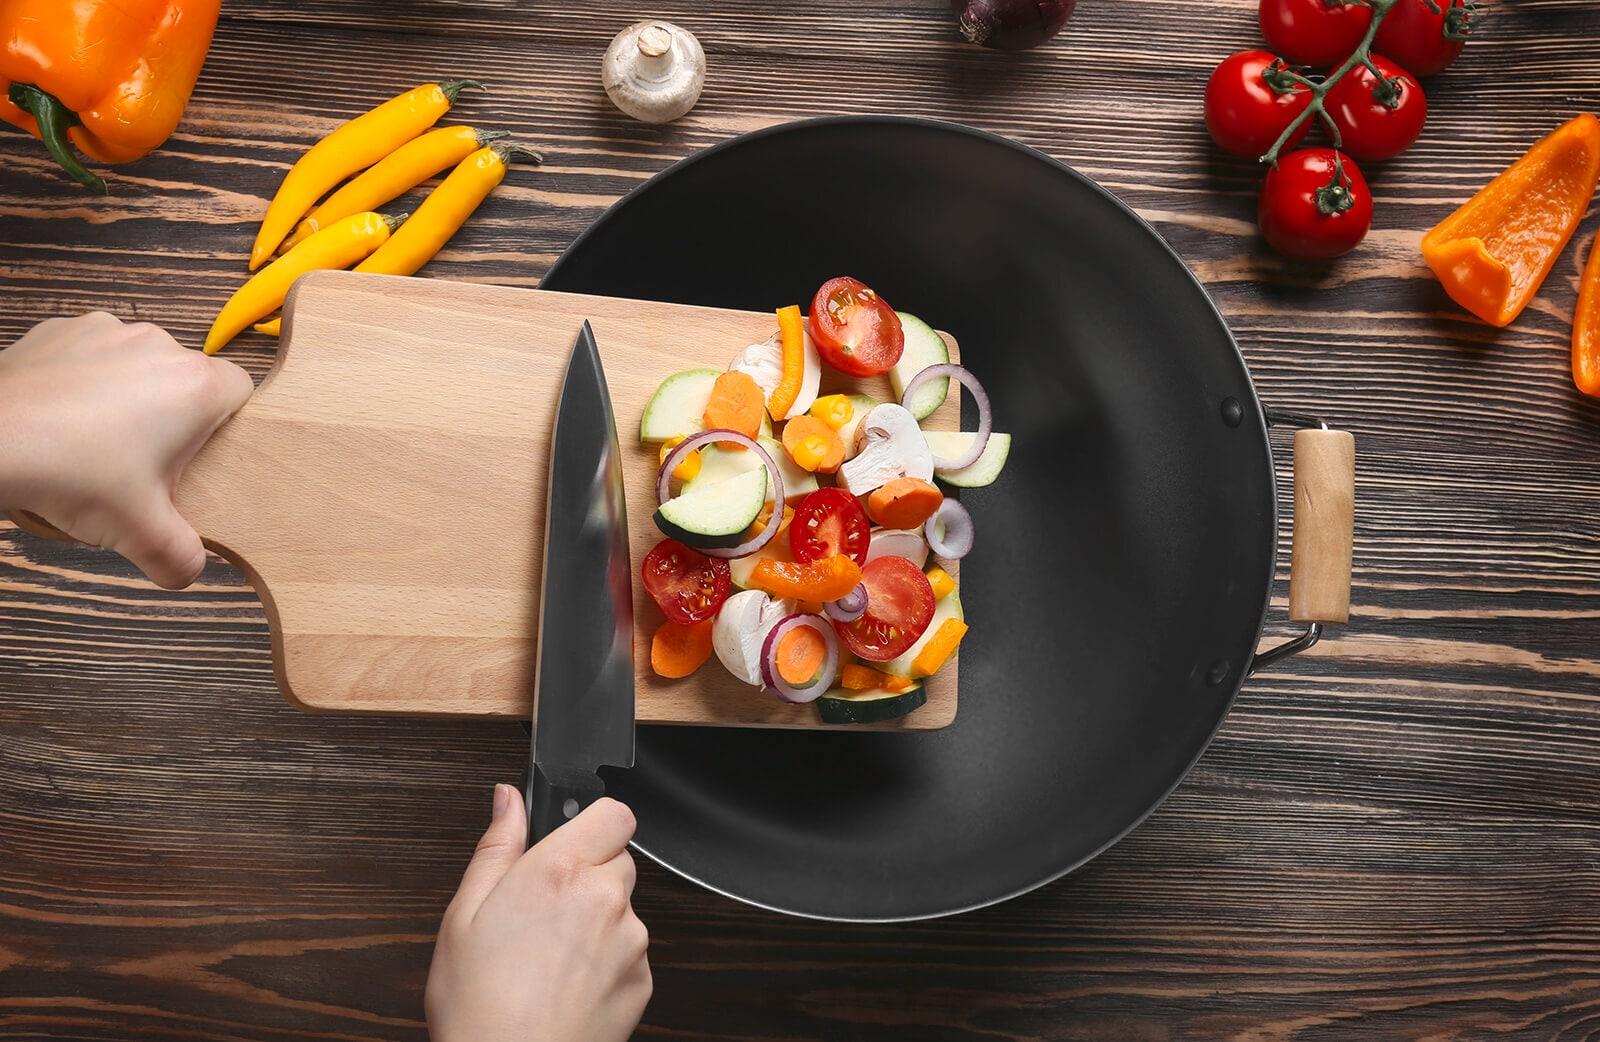 Seorang perempuan memasukkan potongan bawang dan tomat dari talenan ke dalam wajan